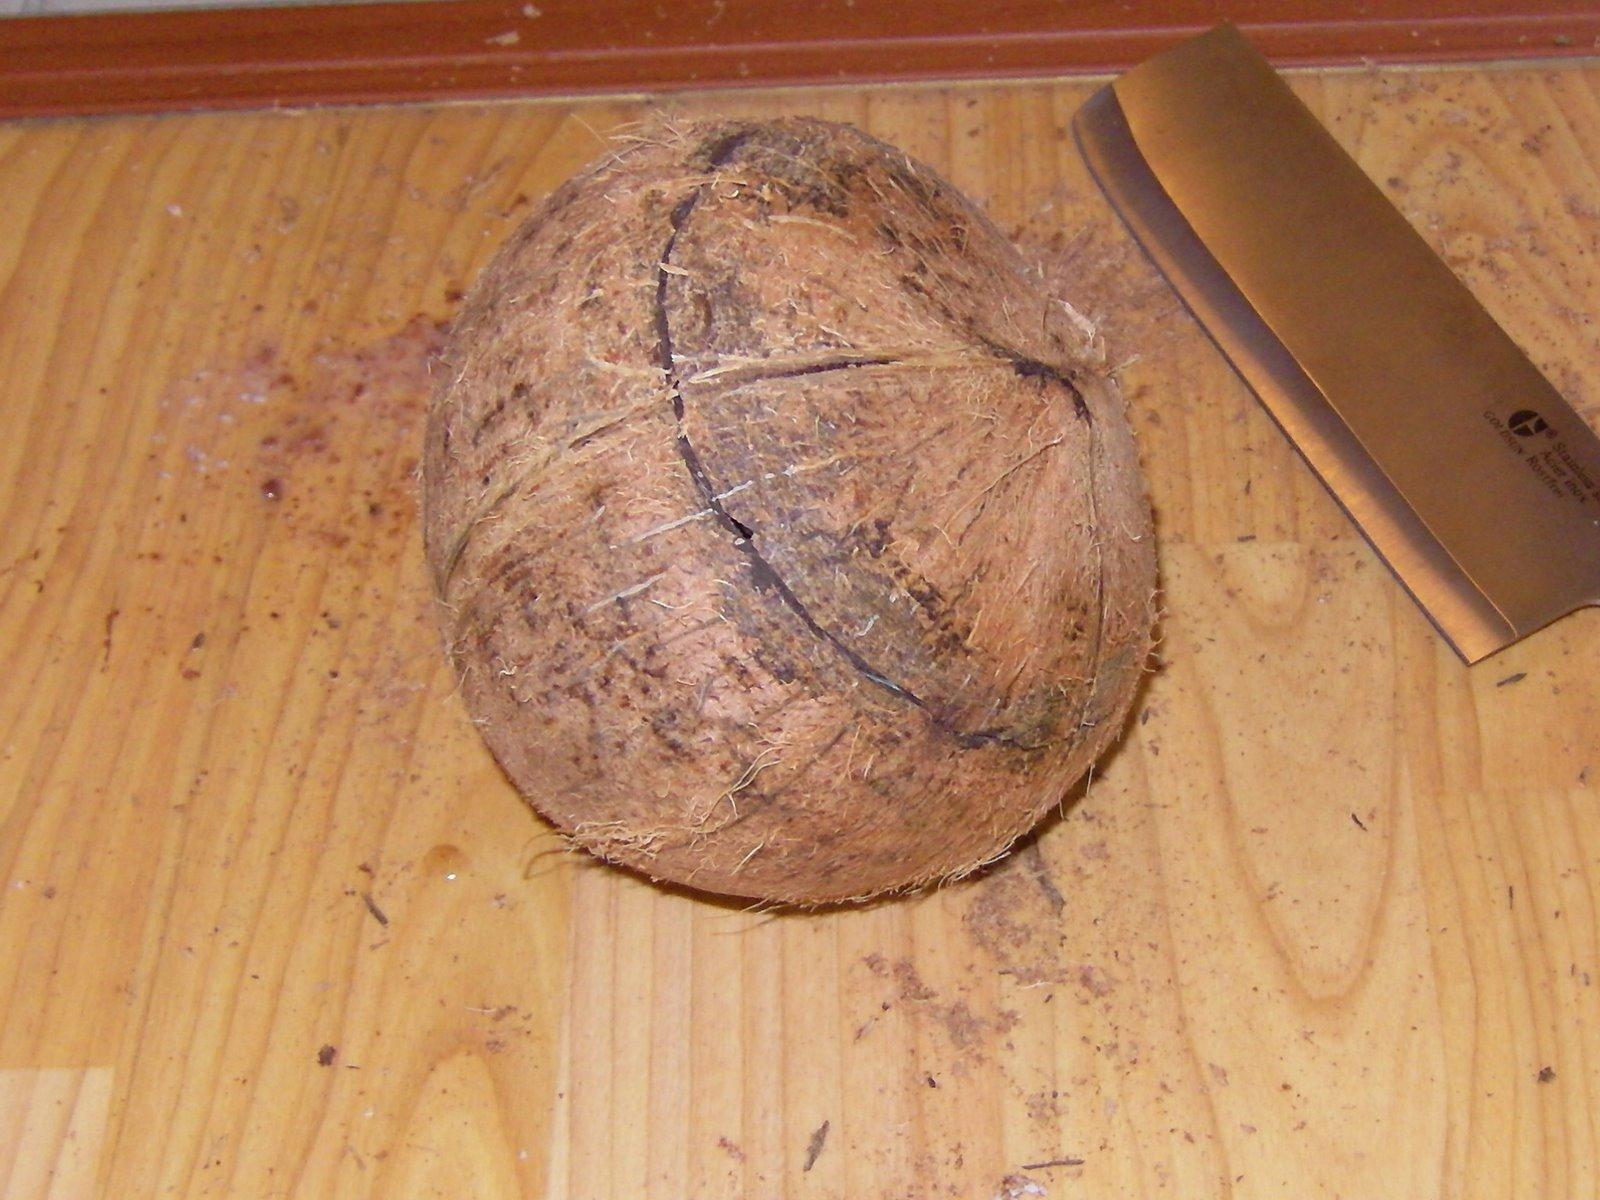 Как расколоть кокос в домашних условиях: инструкция 25